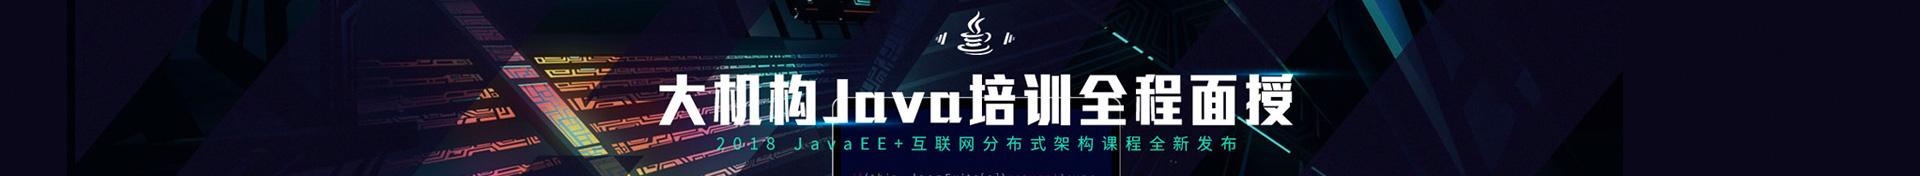 大机构Java培训全程面授